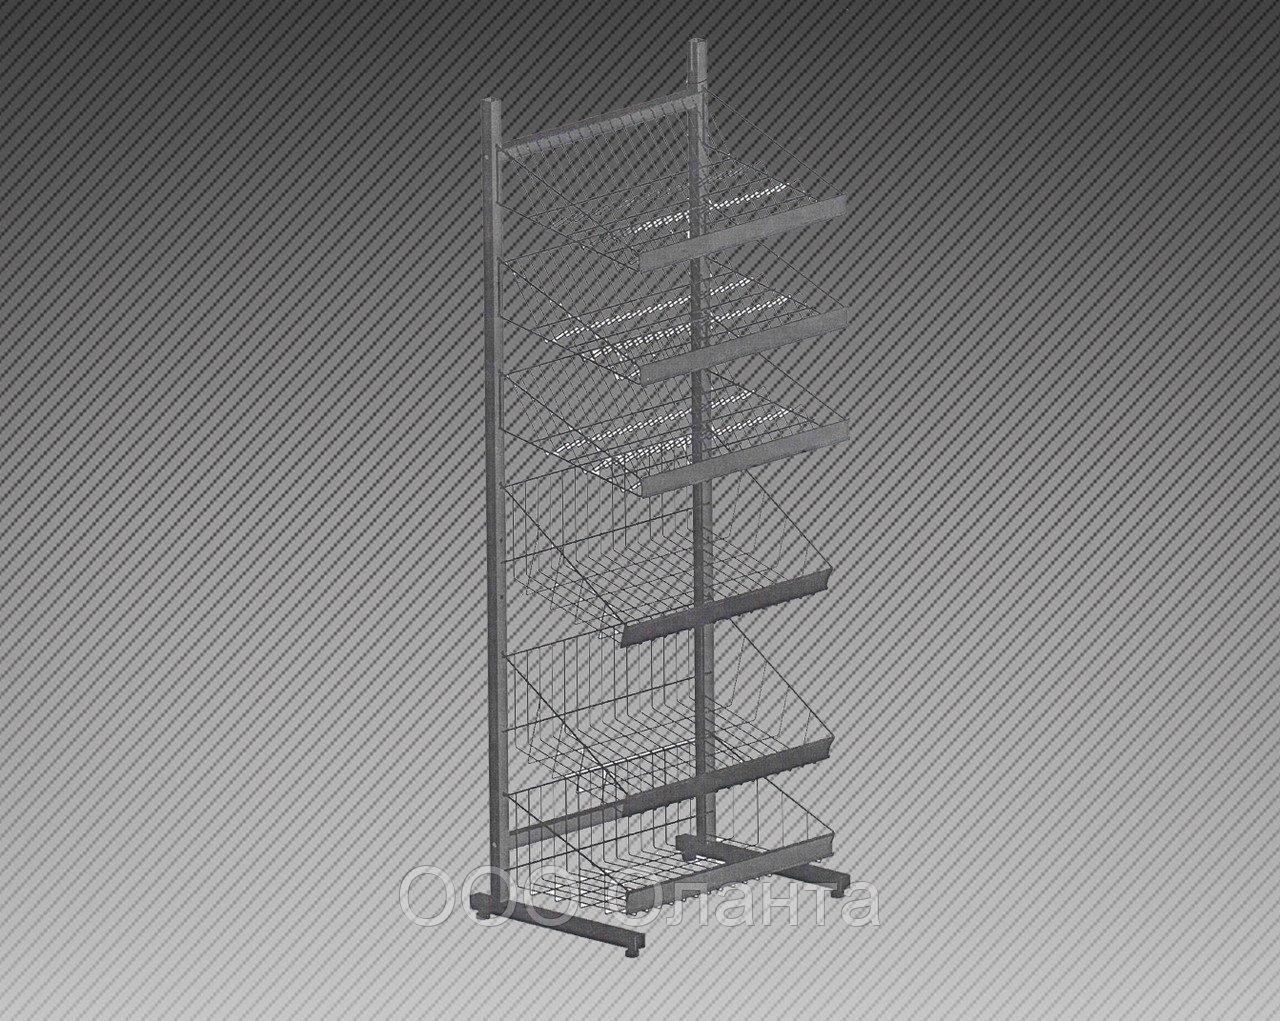 Прикассовая стойка на 6 корзин и 6 полок под шоколад (800х800х1800 мм) арт. СтПр117